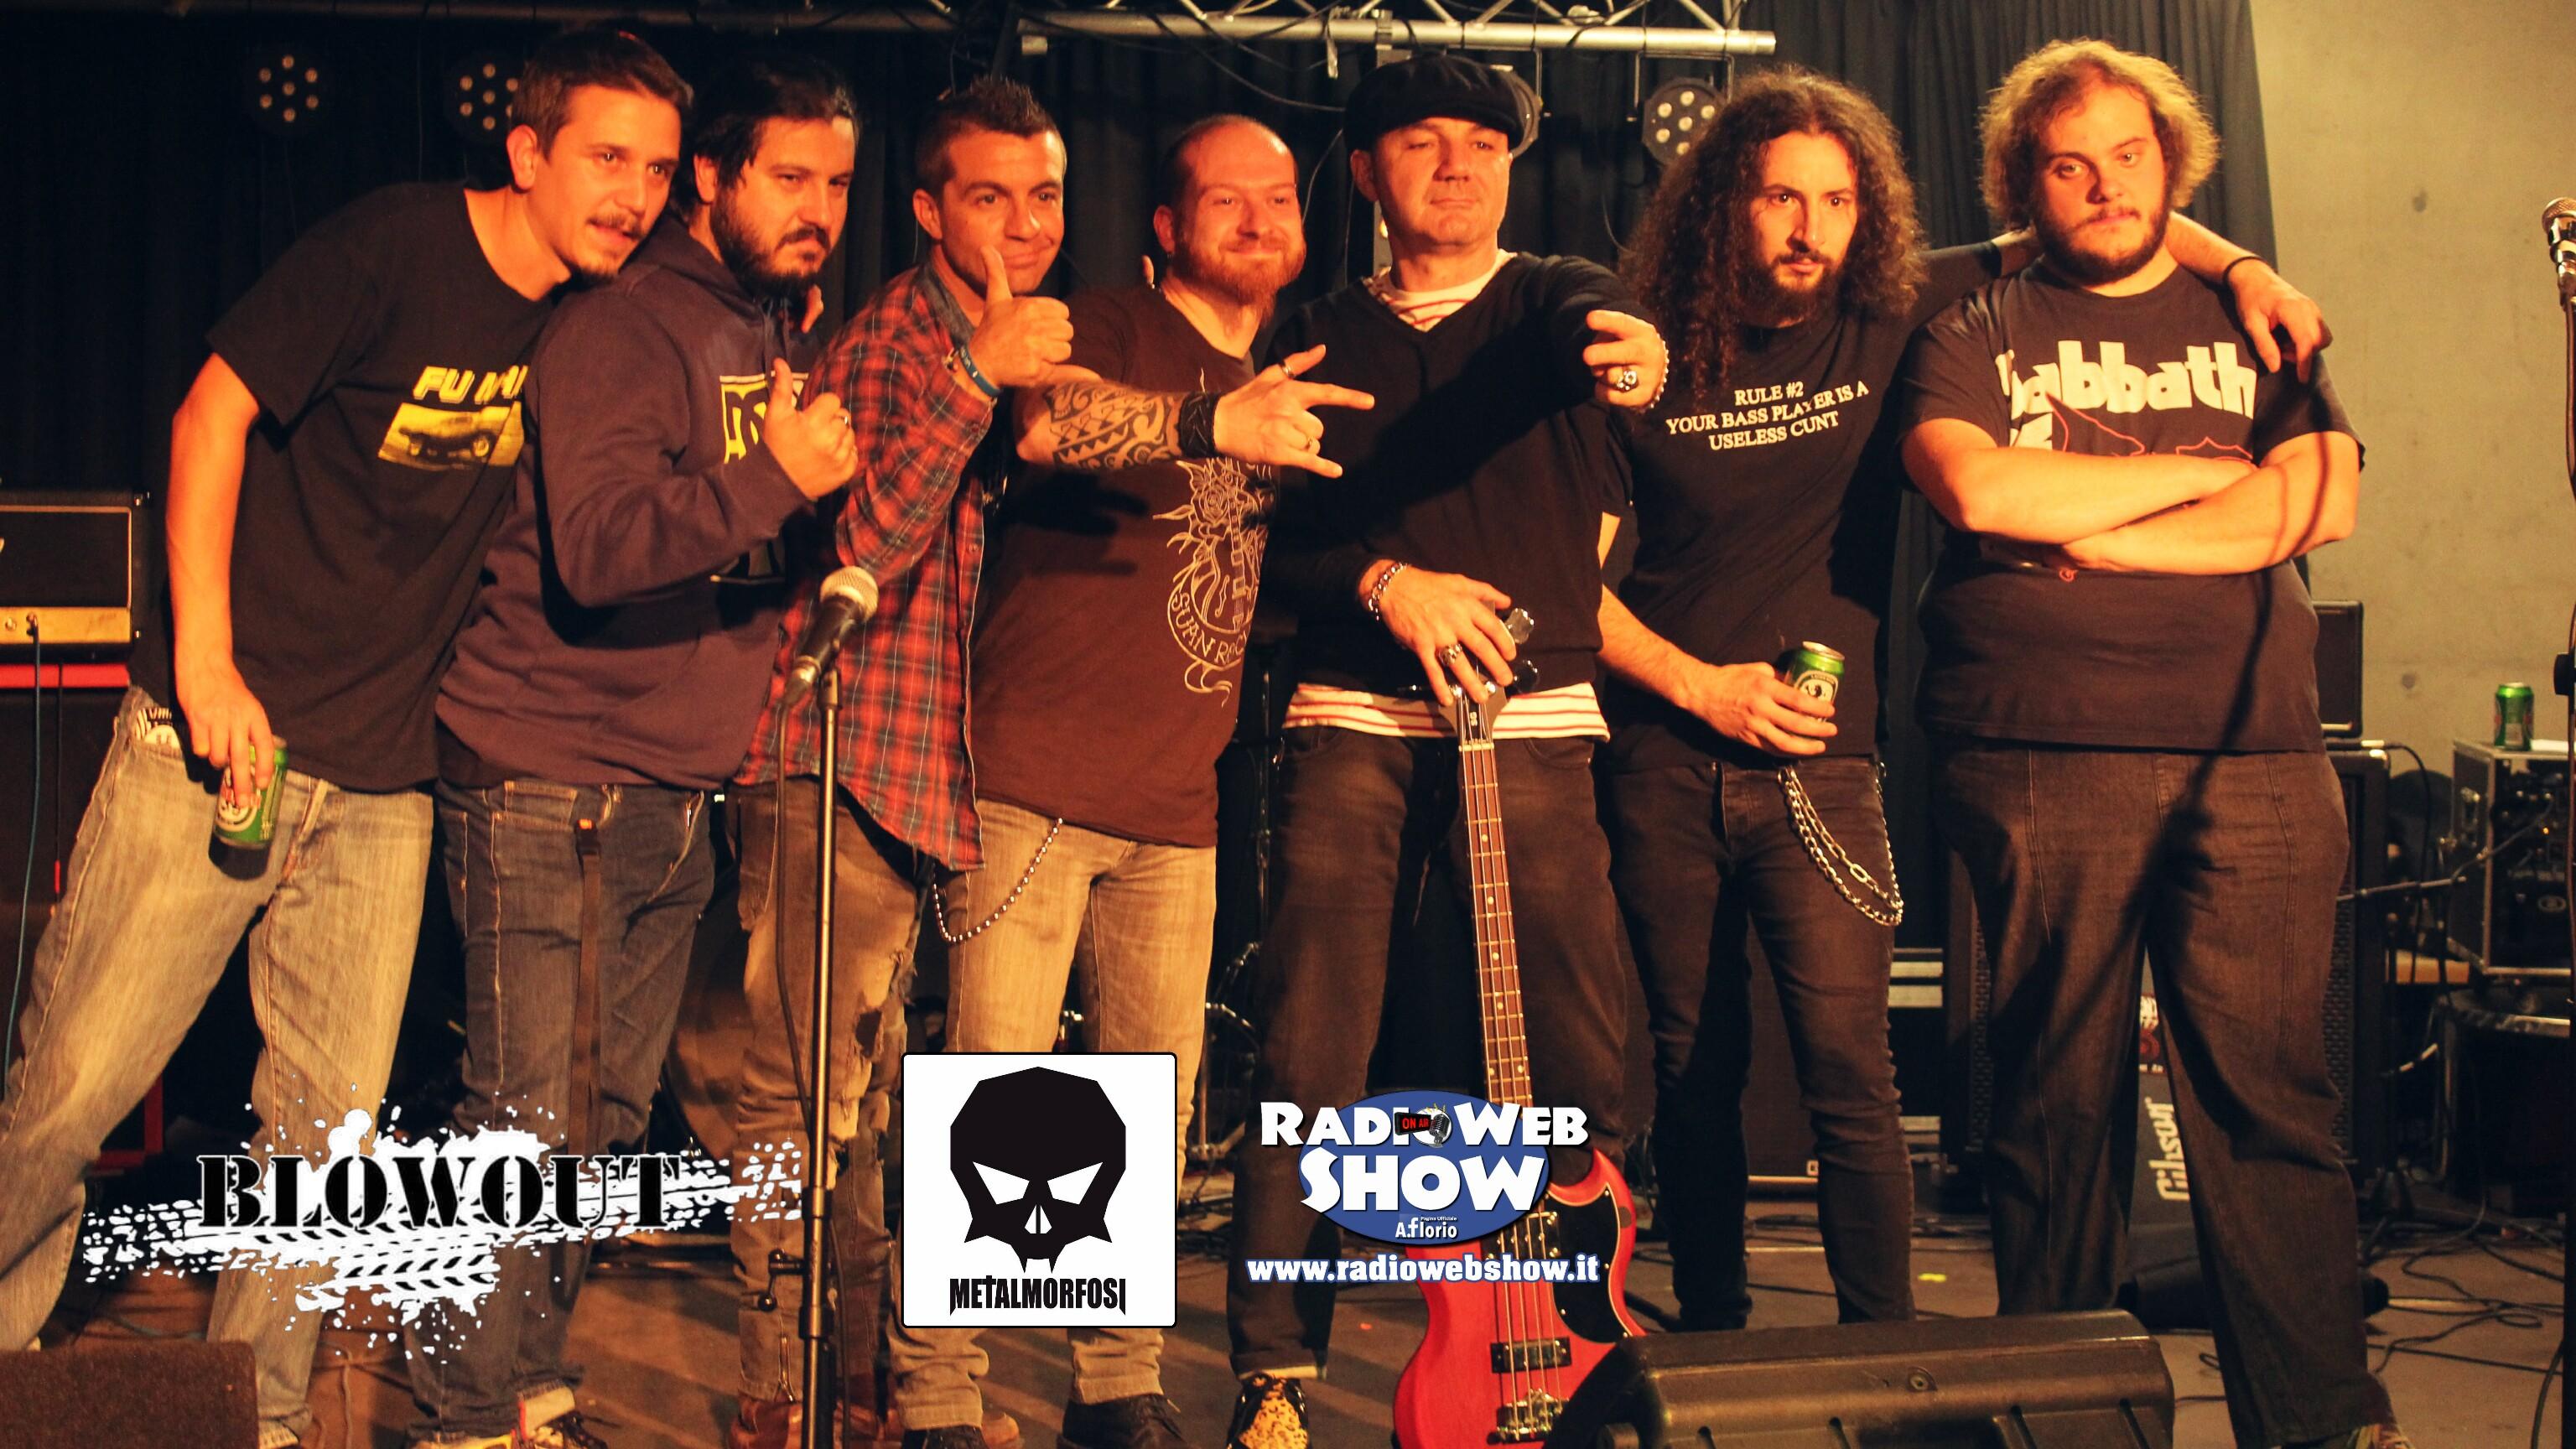 BURIED STRENGTH il nuovo disco dei Blowout in programmazione su RadioWebShow